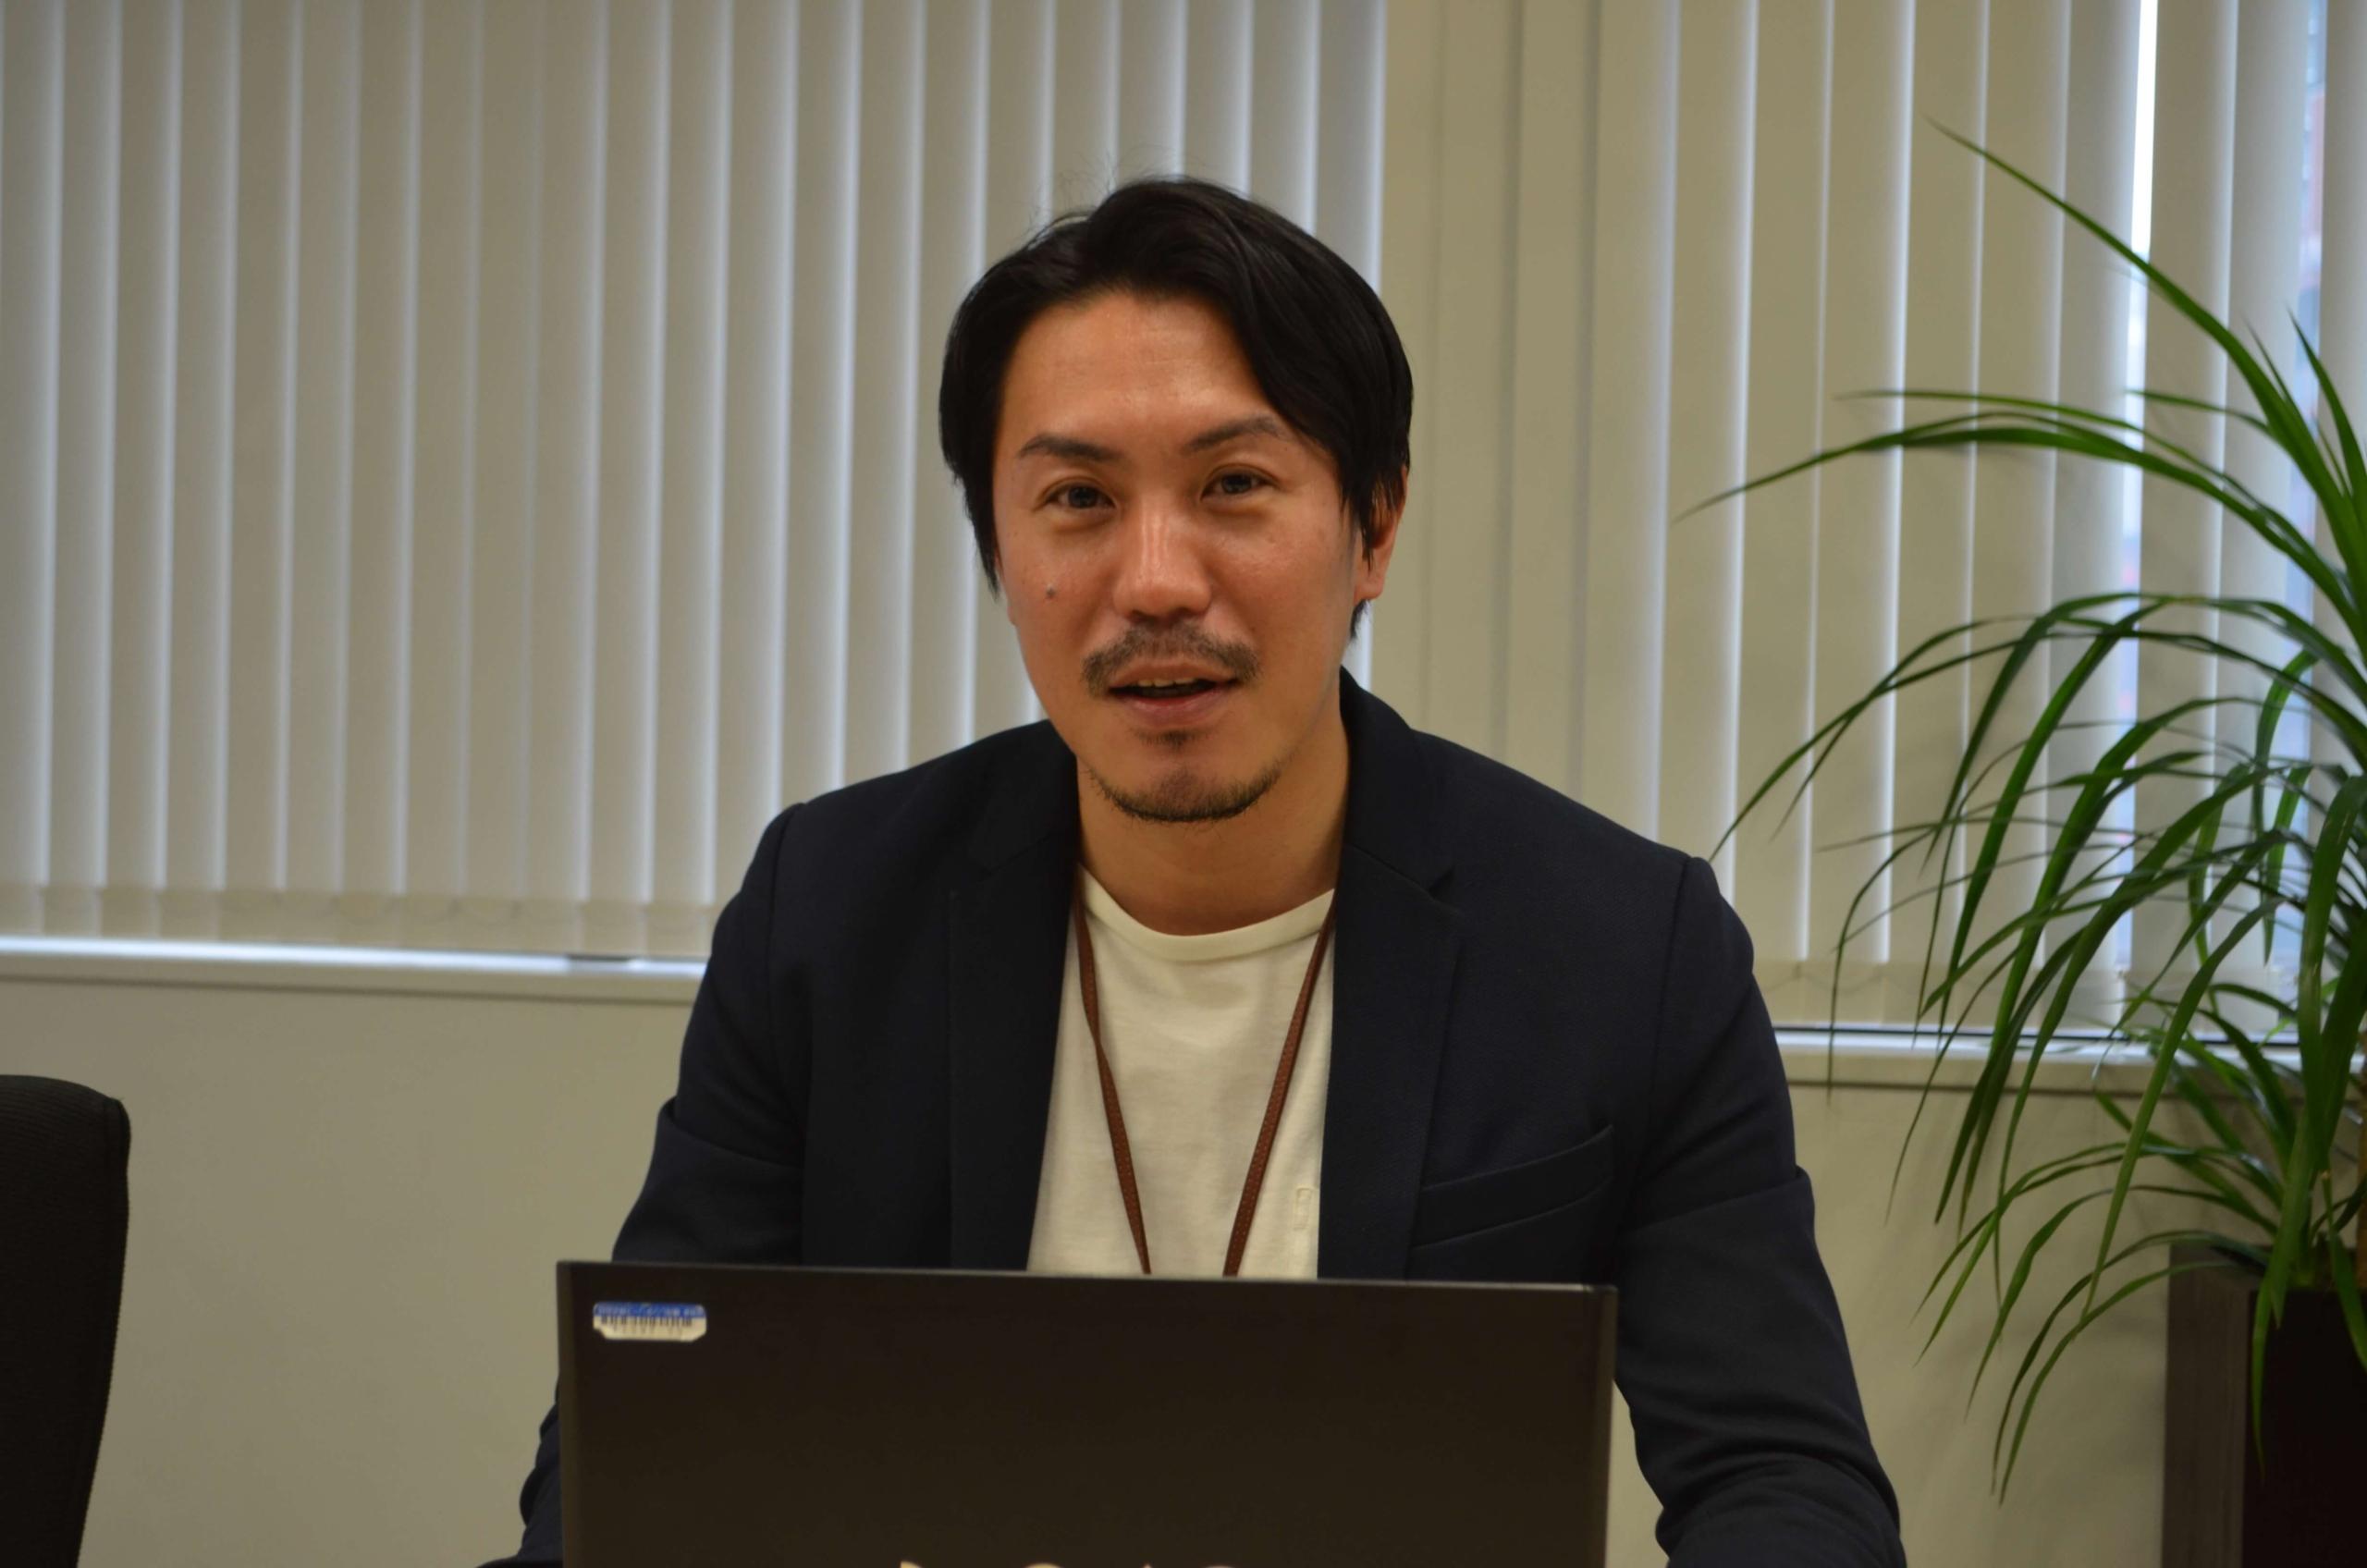 ロボットペイメントの未来について話す小倉氏